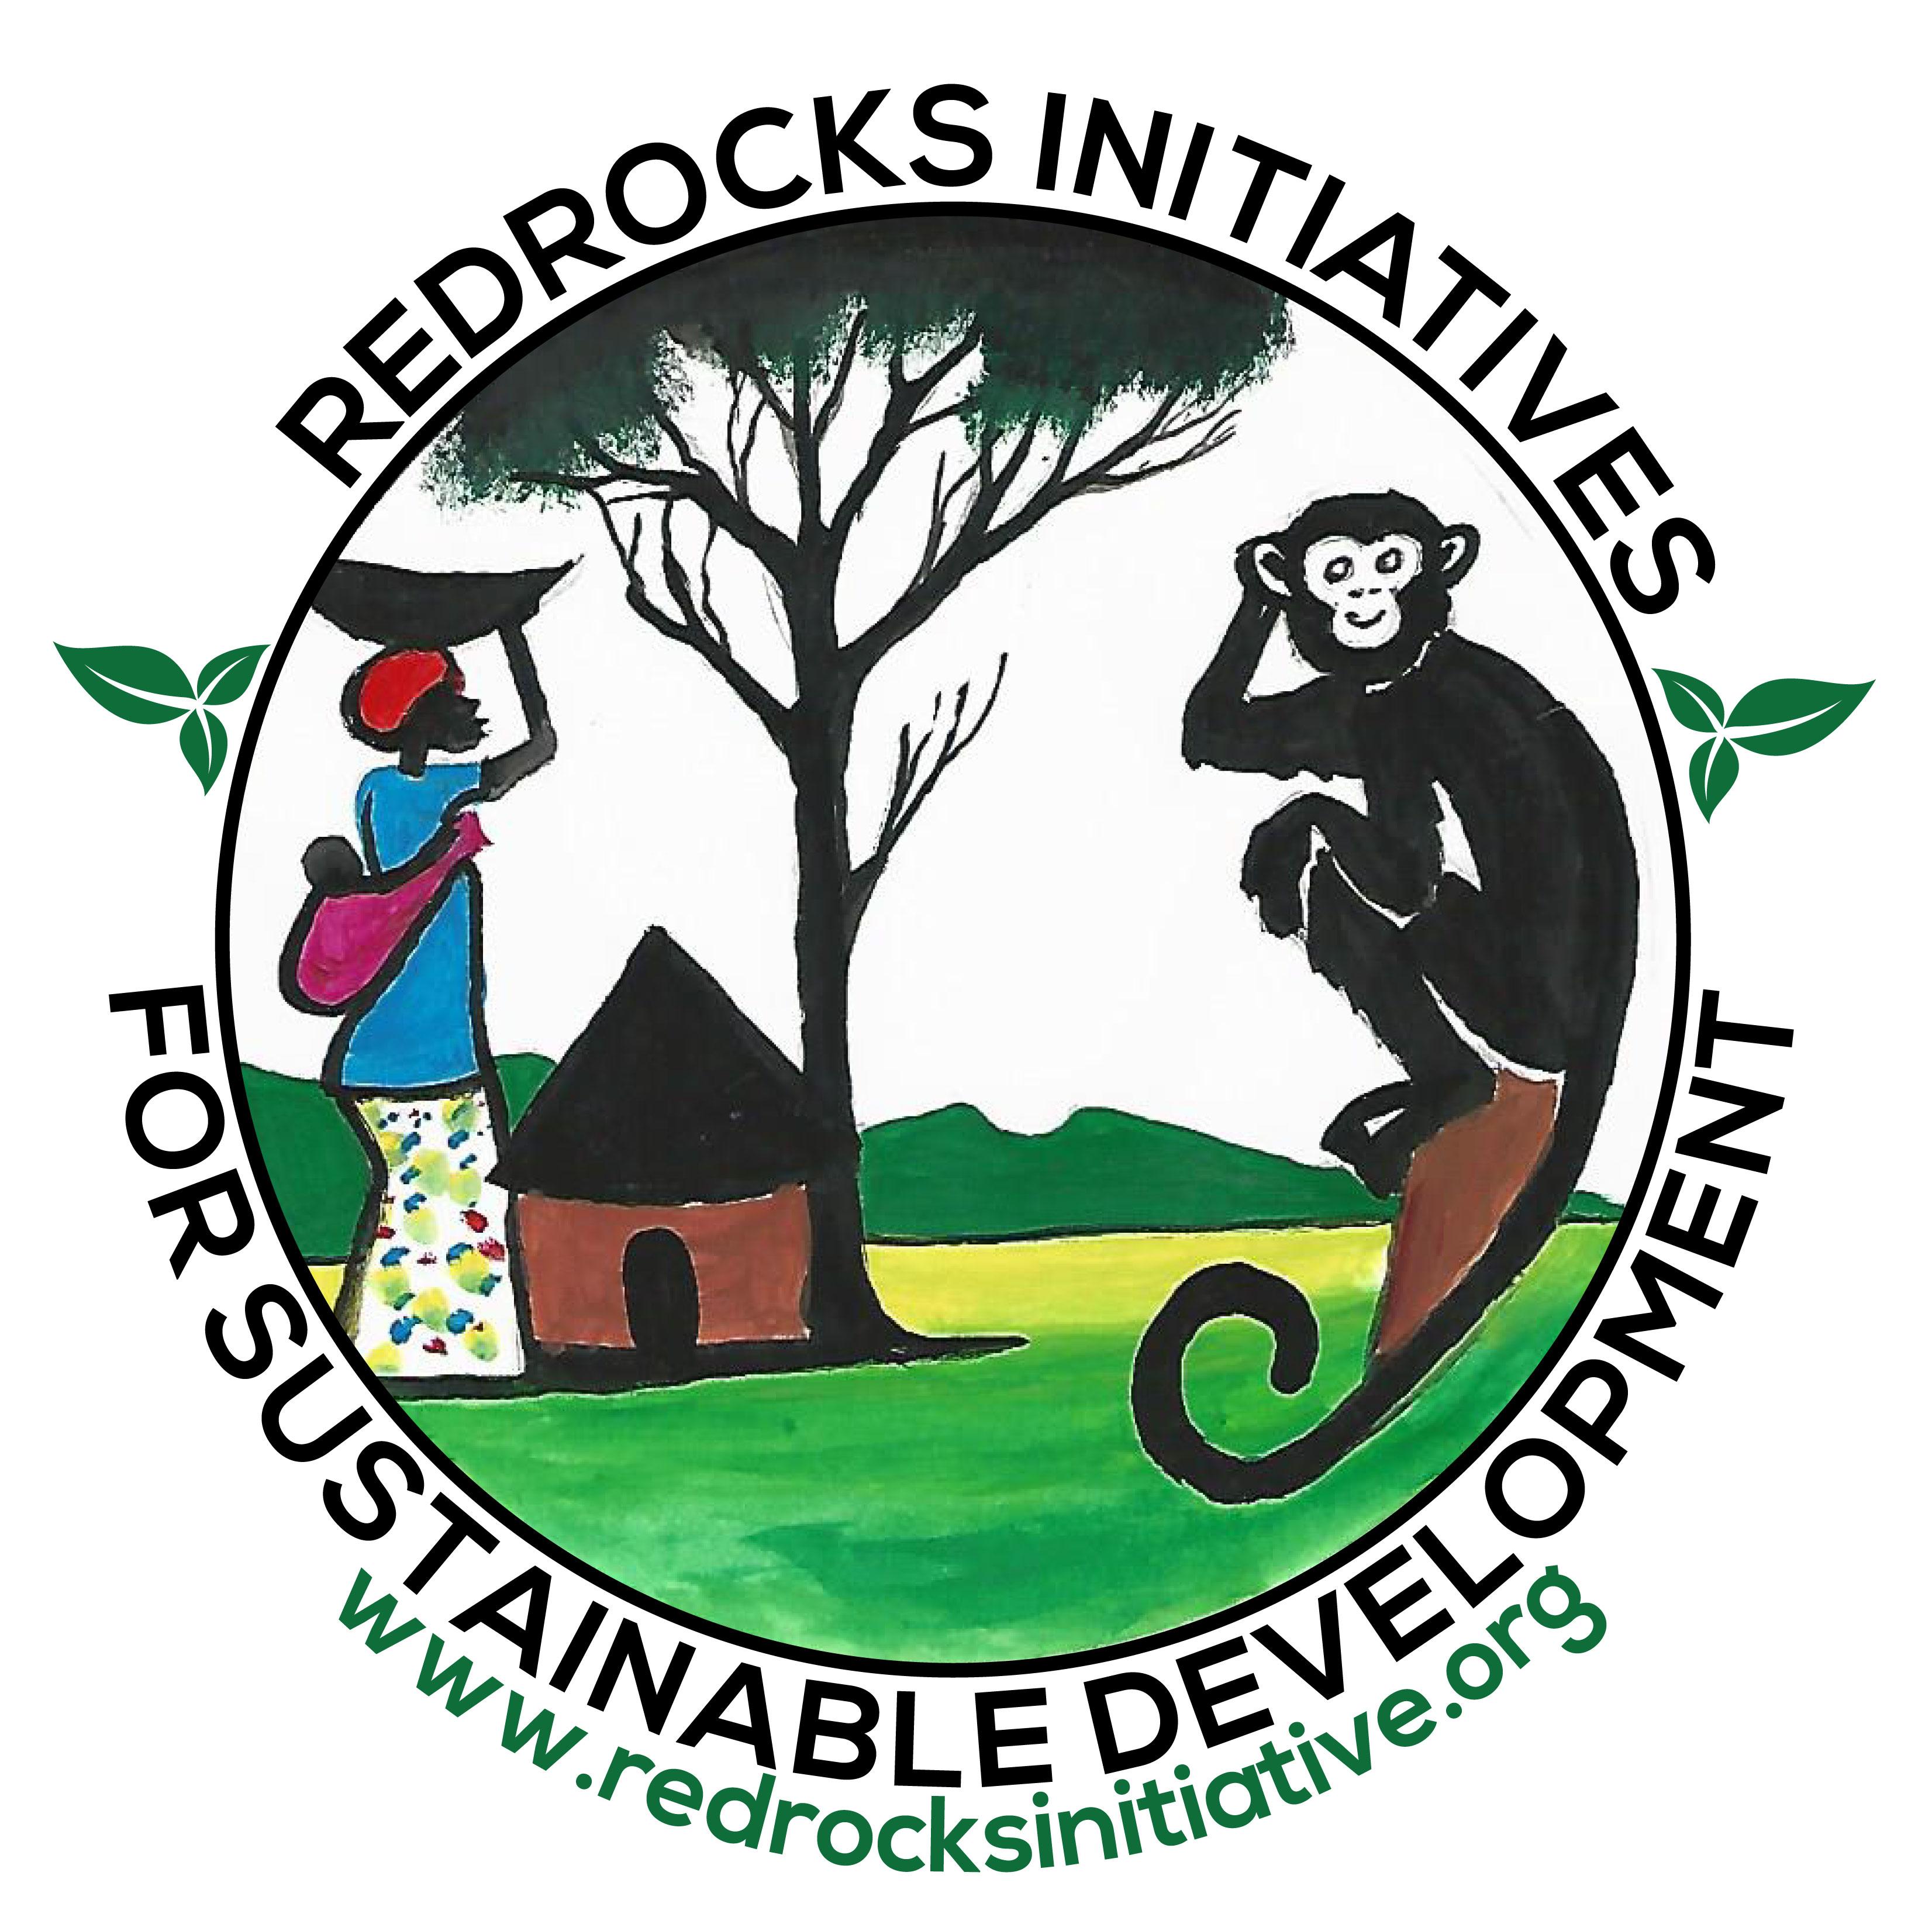 Red Rocks Initiatives, Musanze, Rwanda